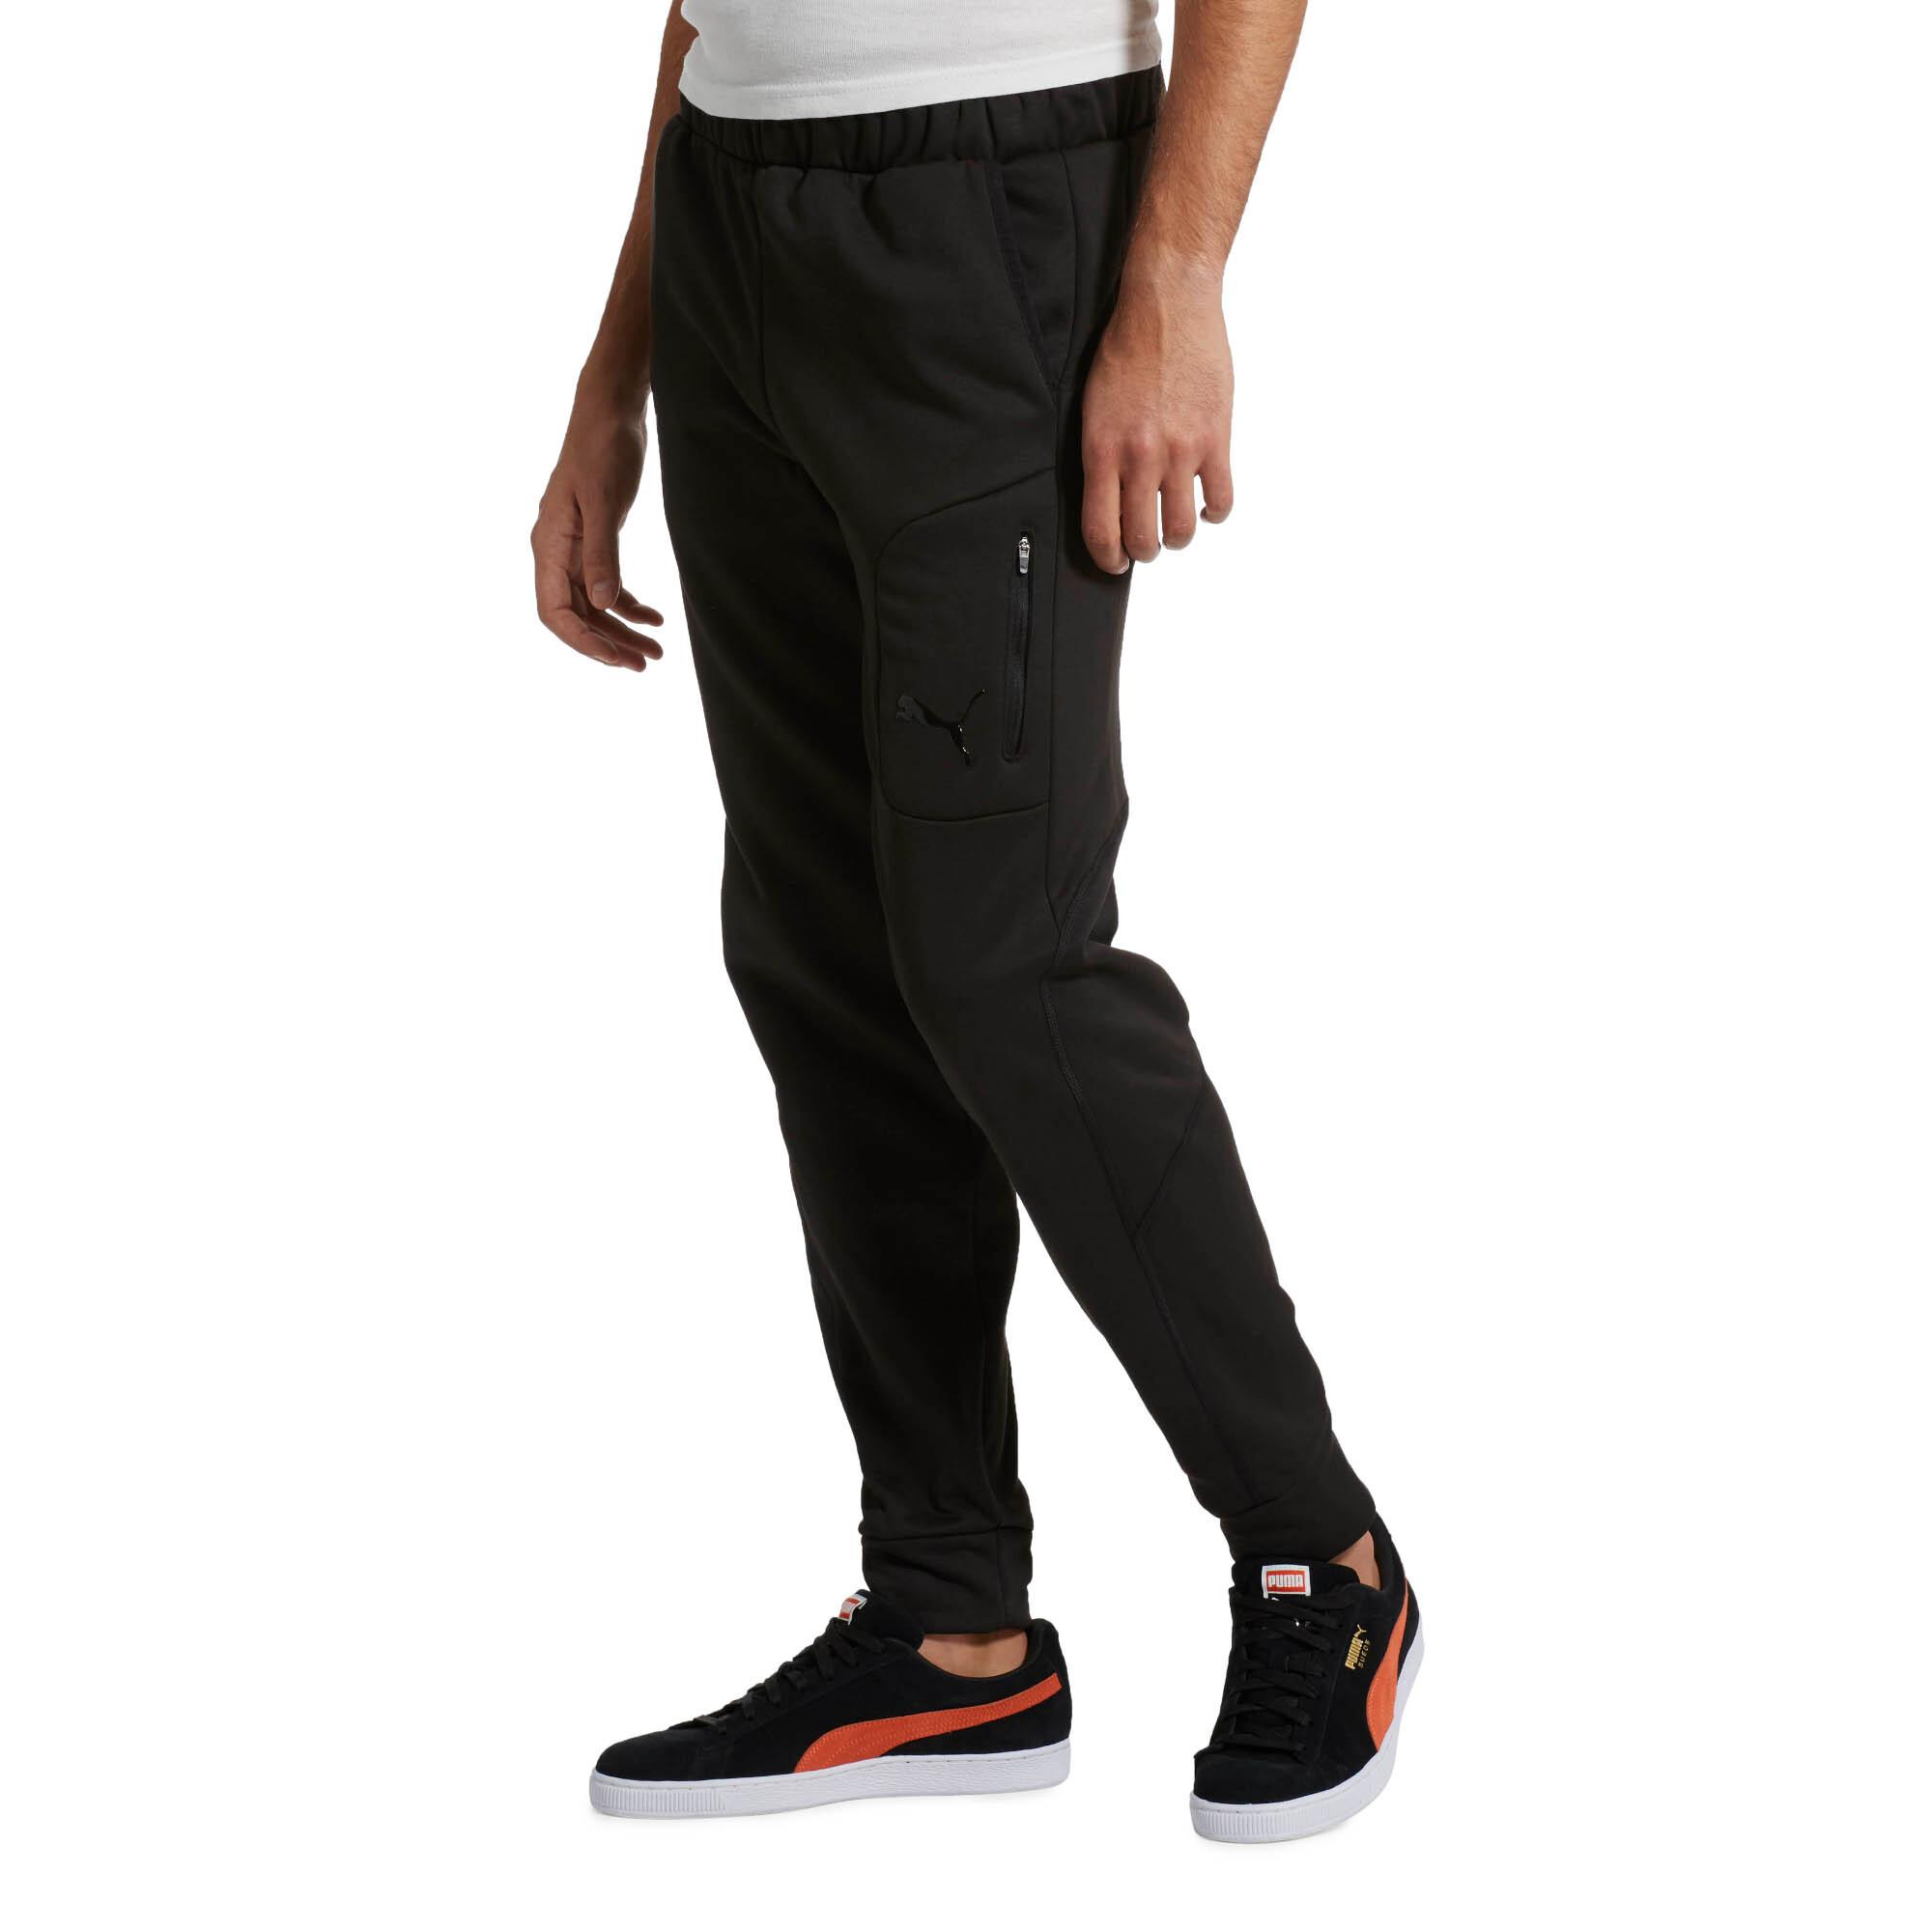 PUMA-Evostripe-Men-039-s-Warm-Pants-Men-Knitted-Pants-Basics thumbnail 7